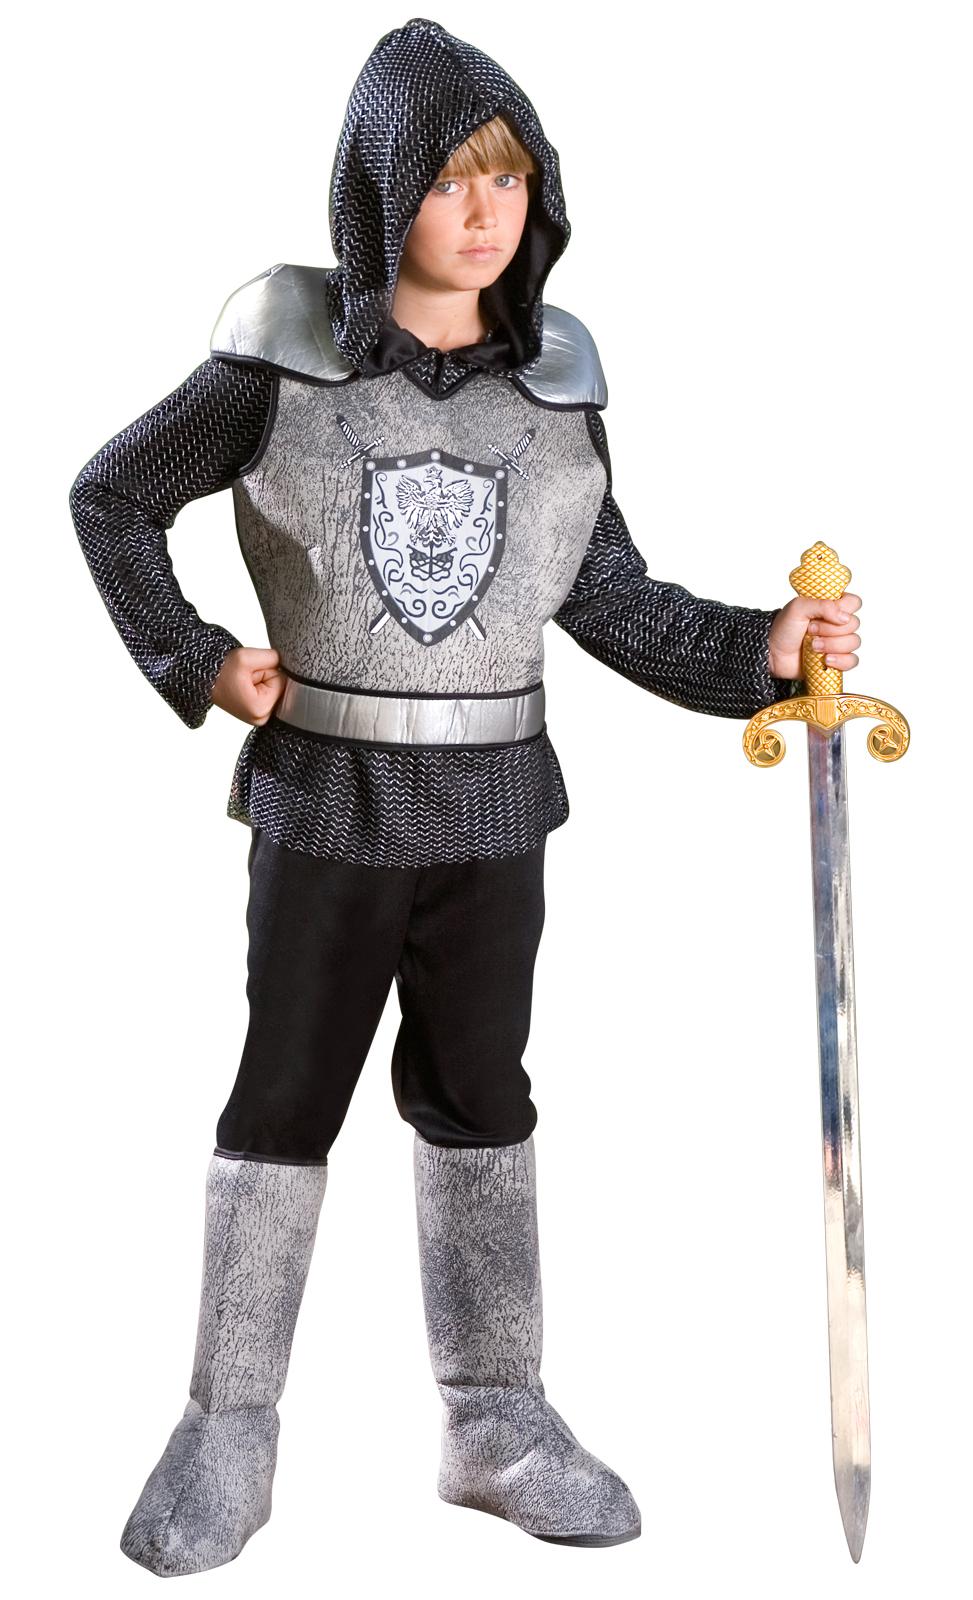 Как сшить костюм рыцаря для мальчика своими руками? 18